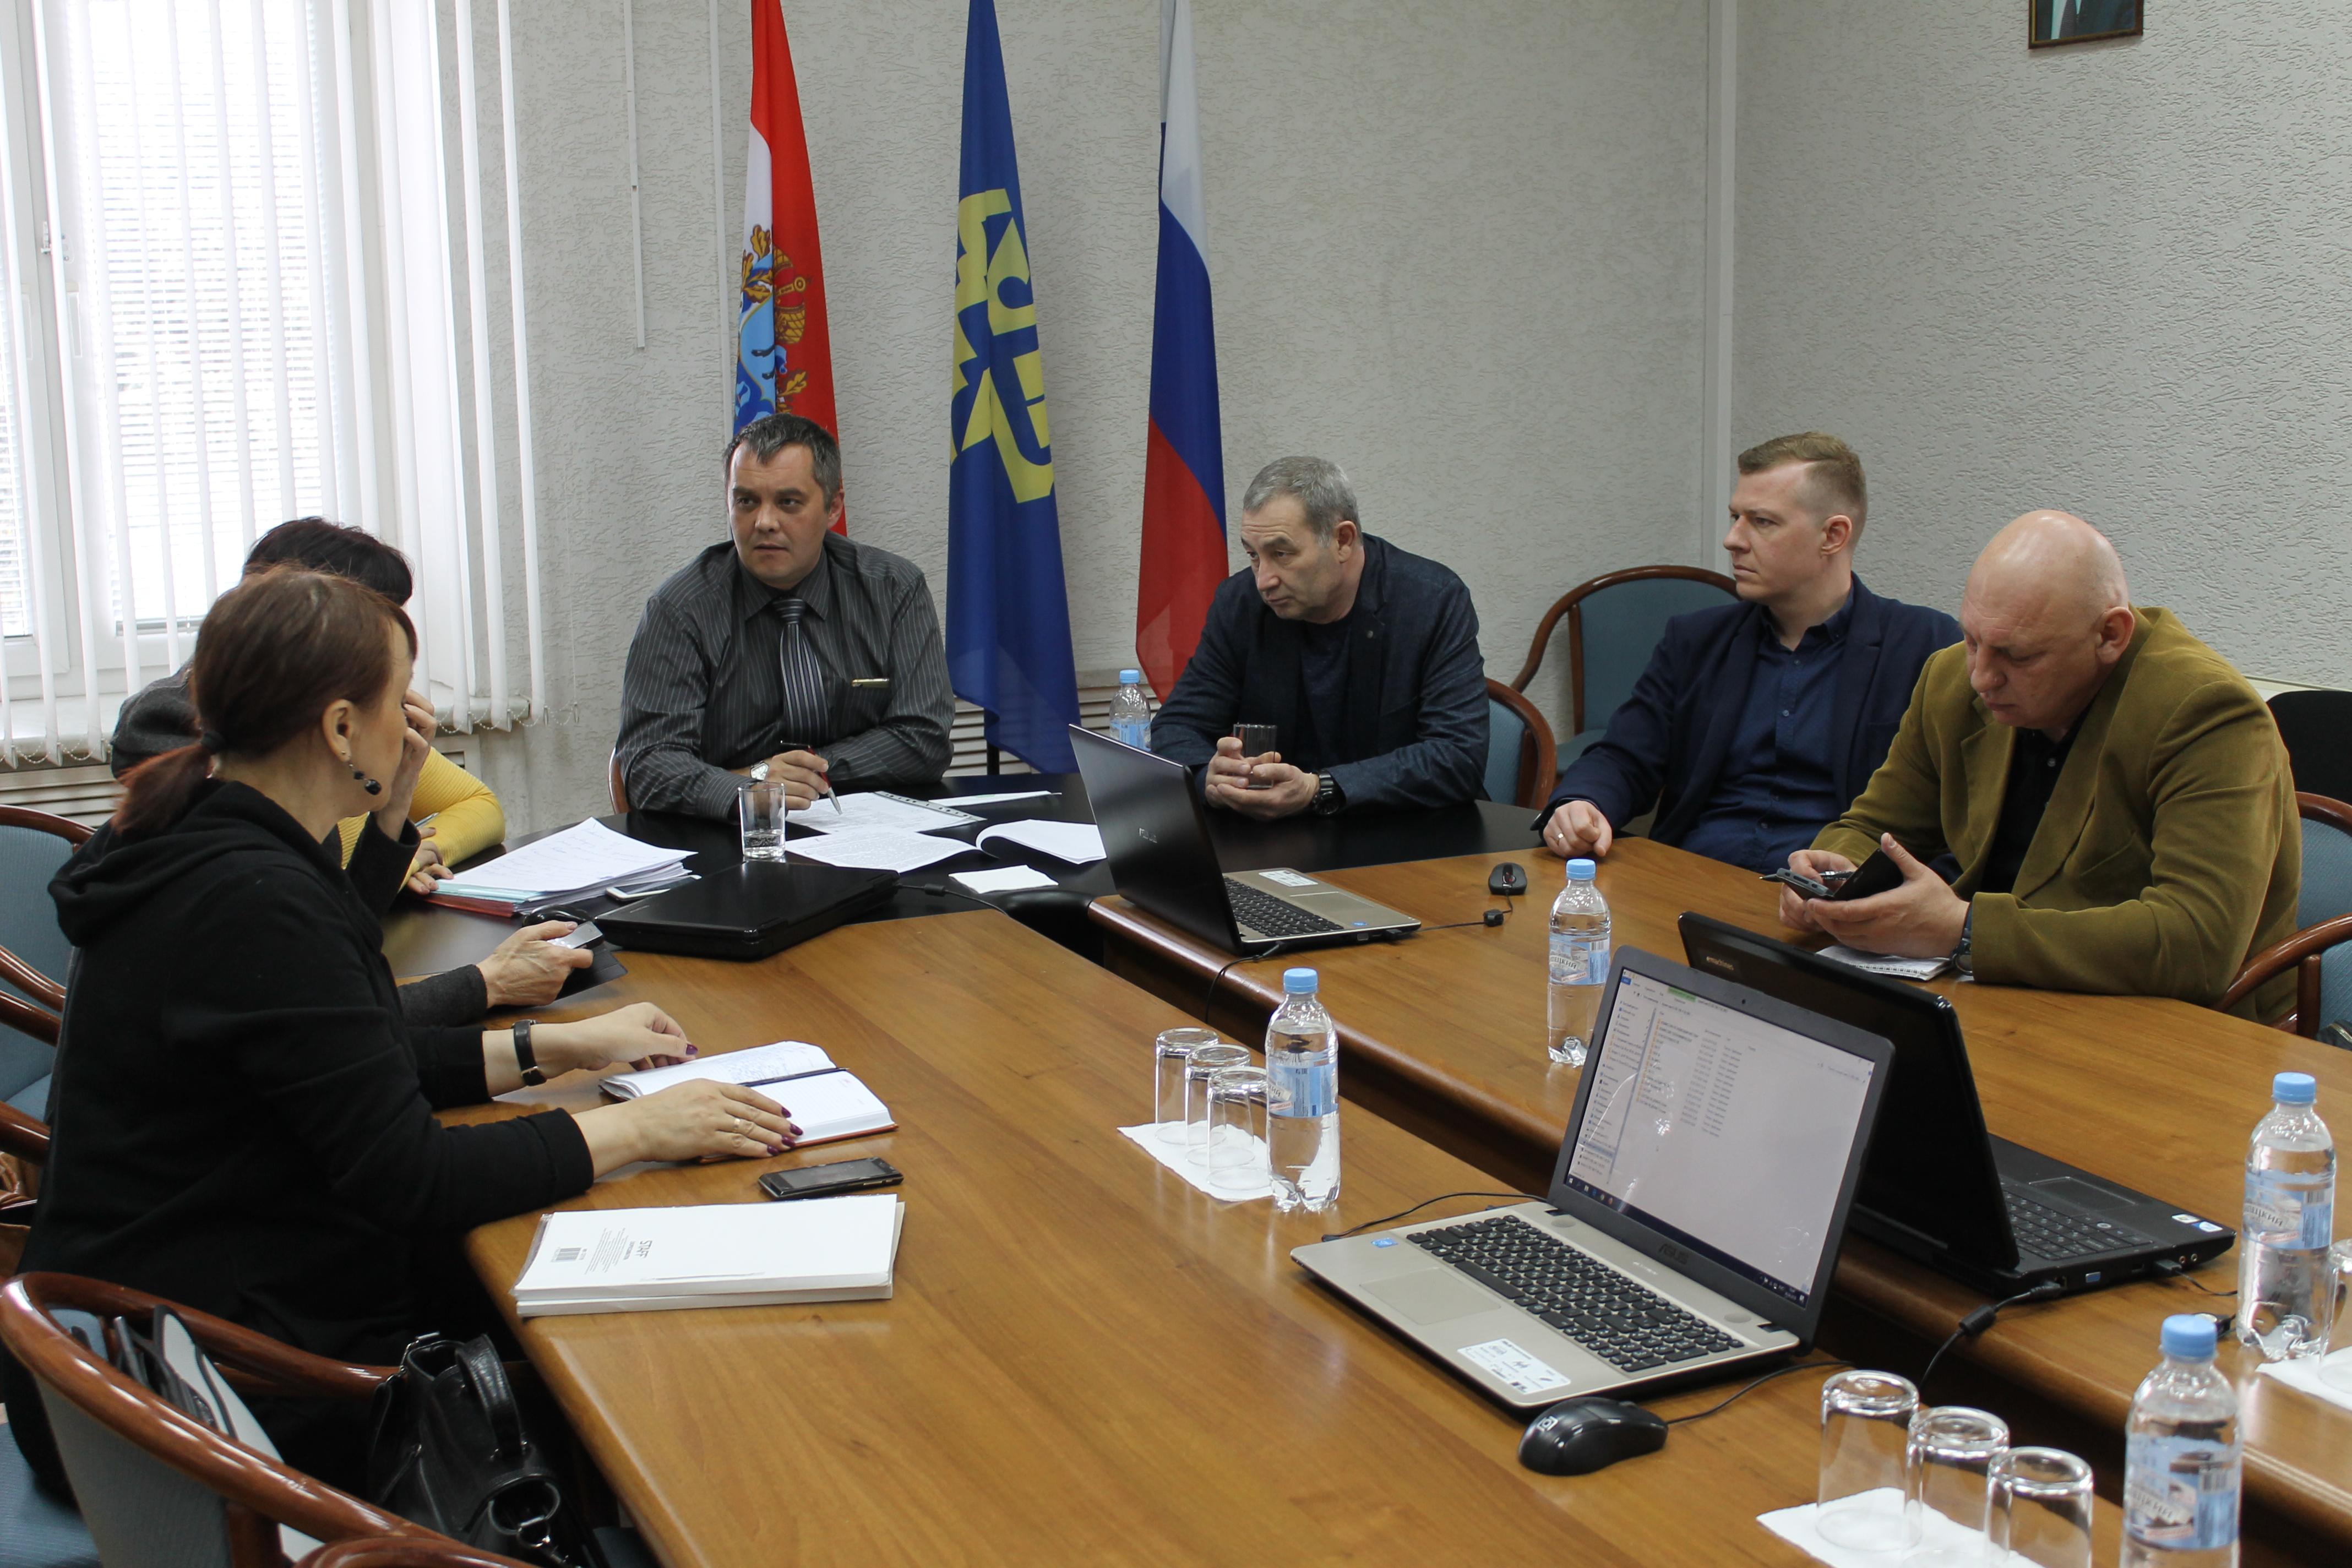 В Тольятти депутаты предлагают защищать лес от несанкционированных свалок спомощью системы видеонаблюдения